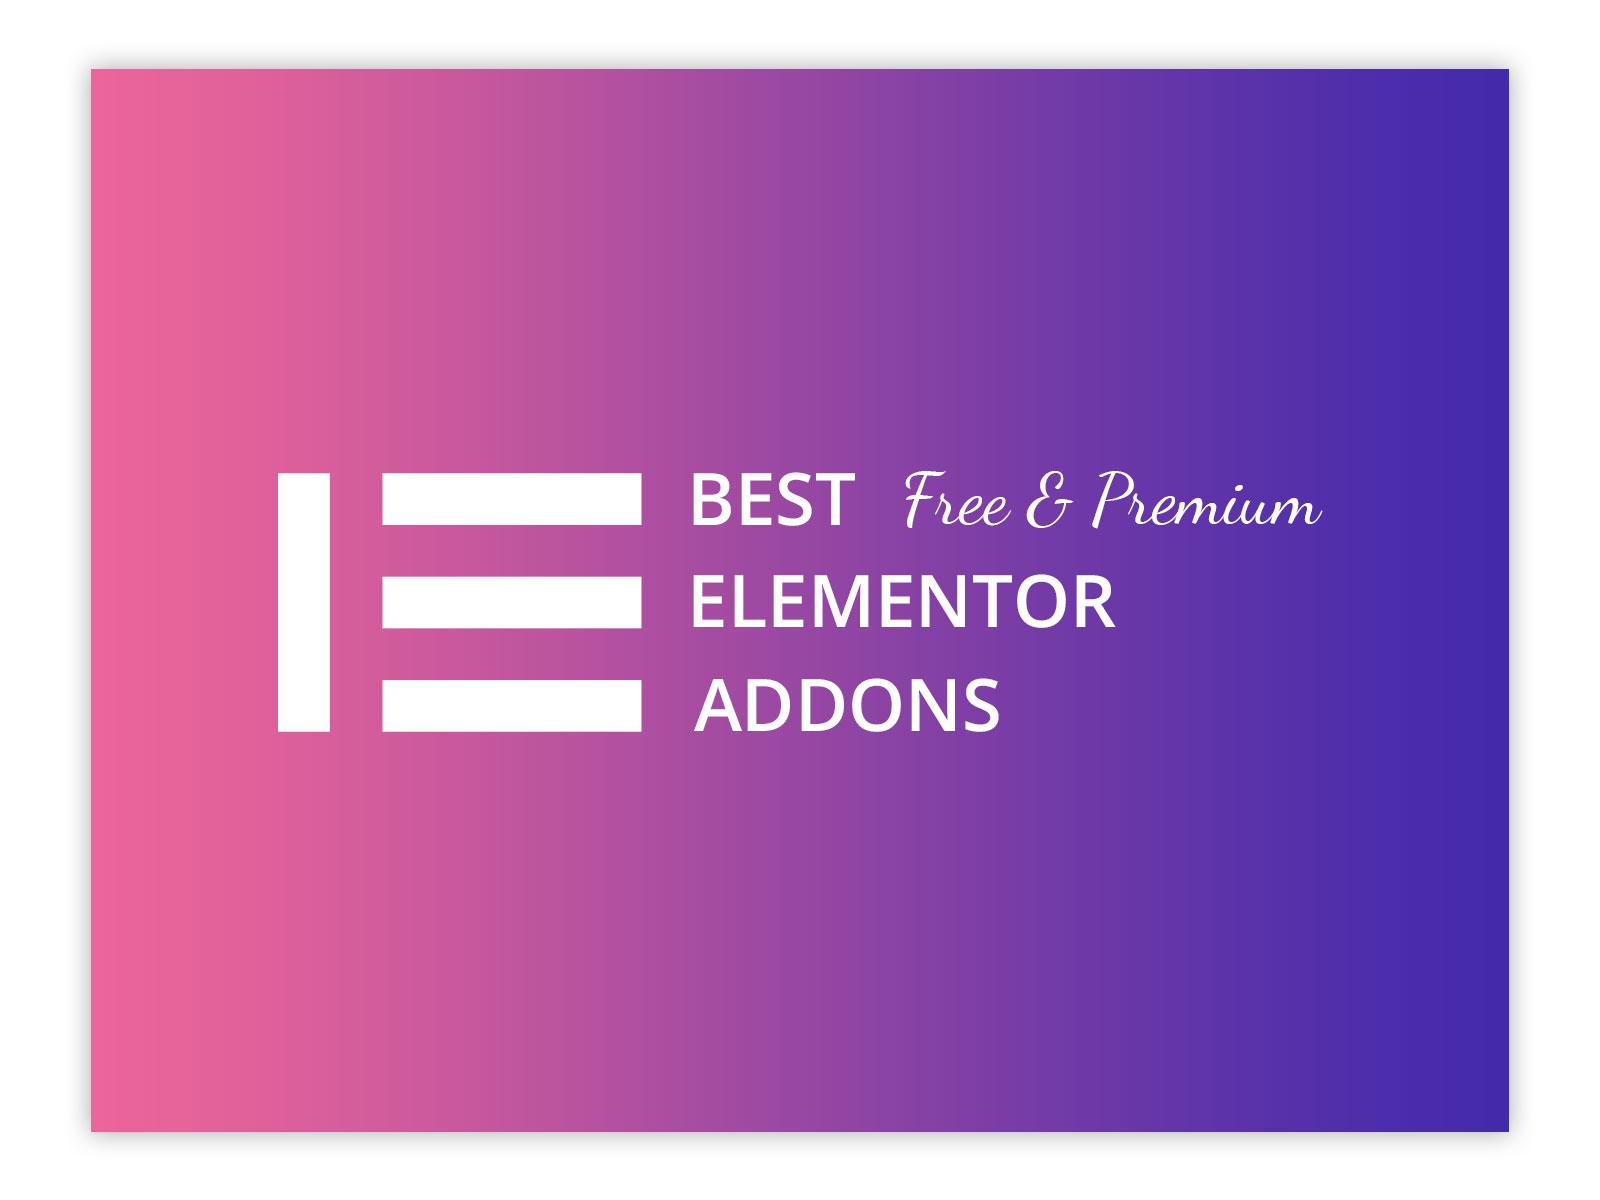 best free & premium elementor addons